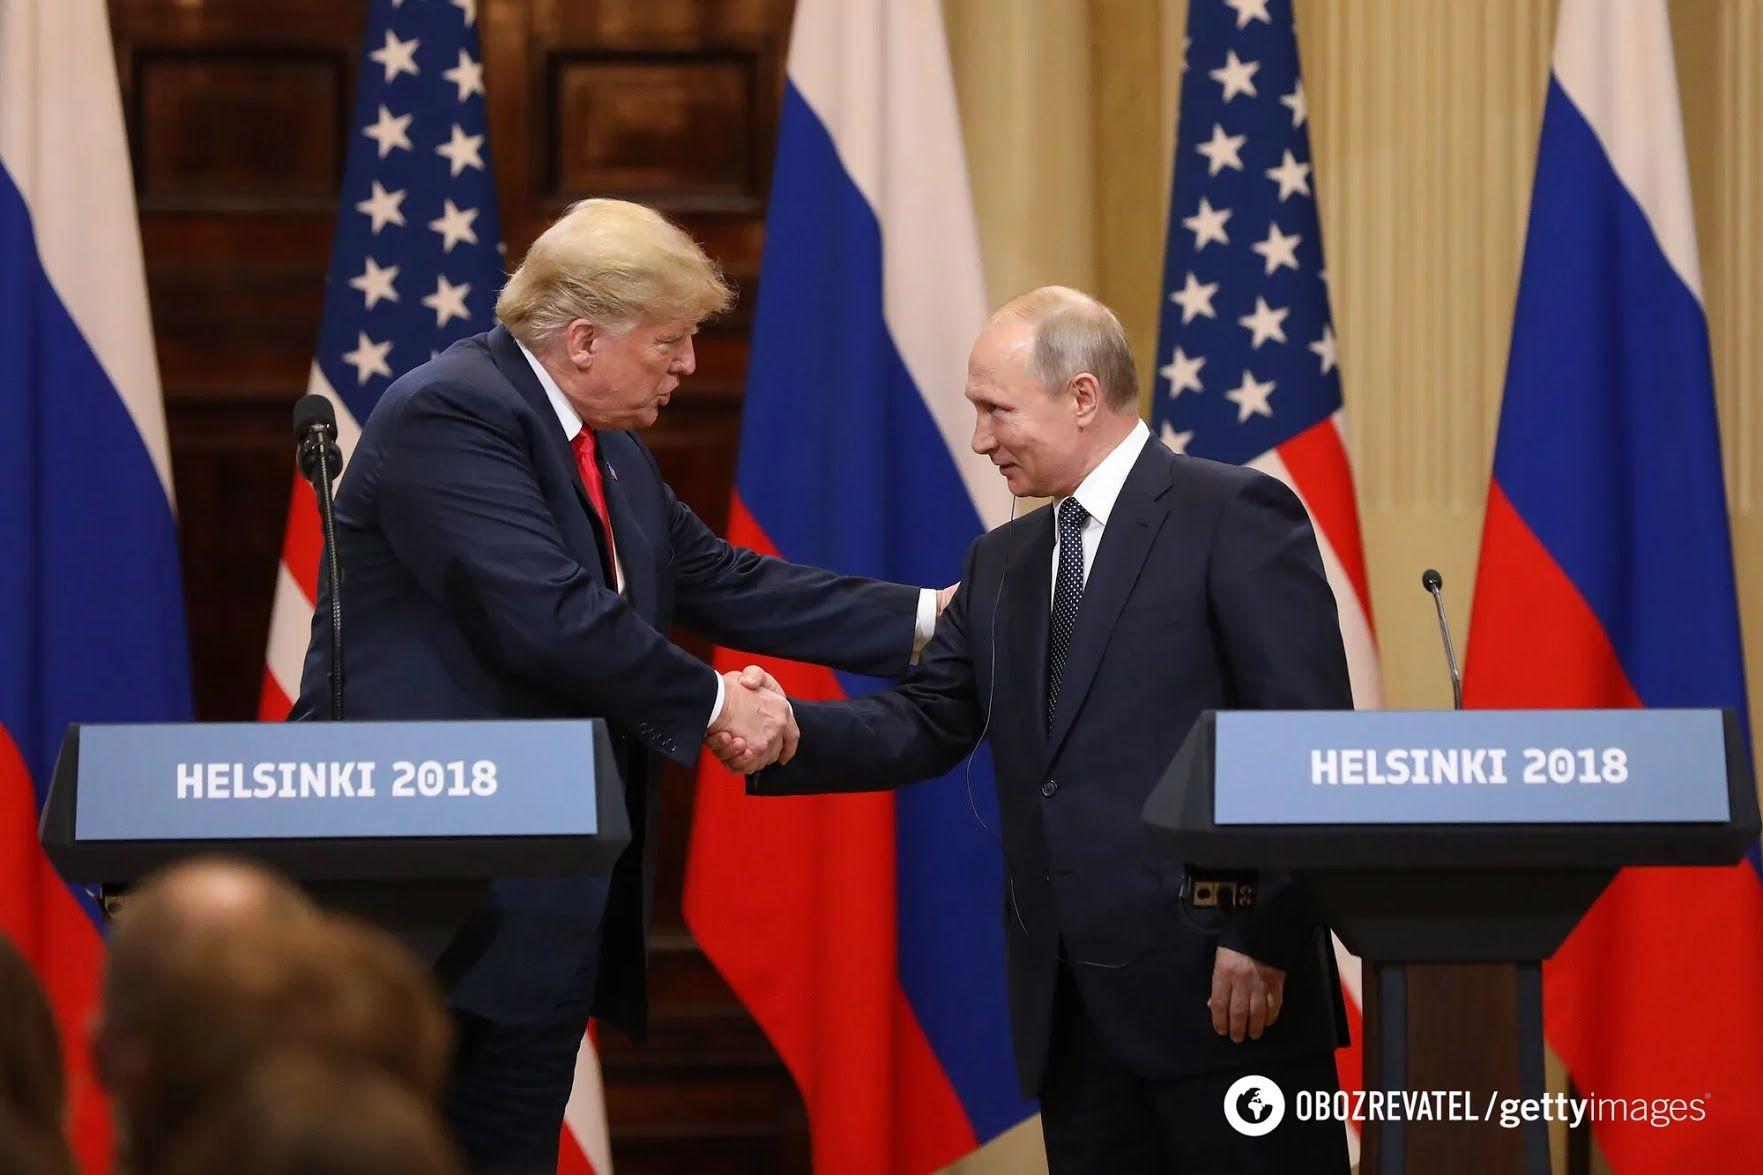 Встреча американского президента Дональда Трампа с главой РФ Владимиром Путиным в Хельсинки 2018 года